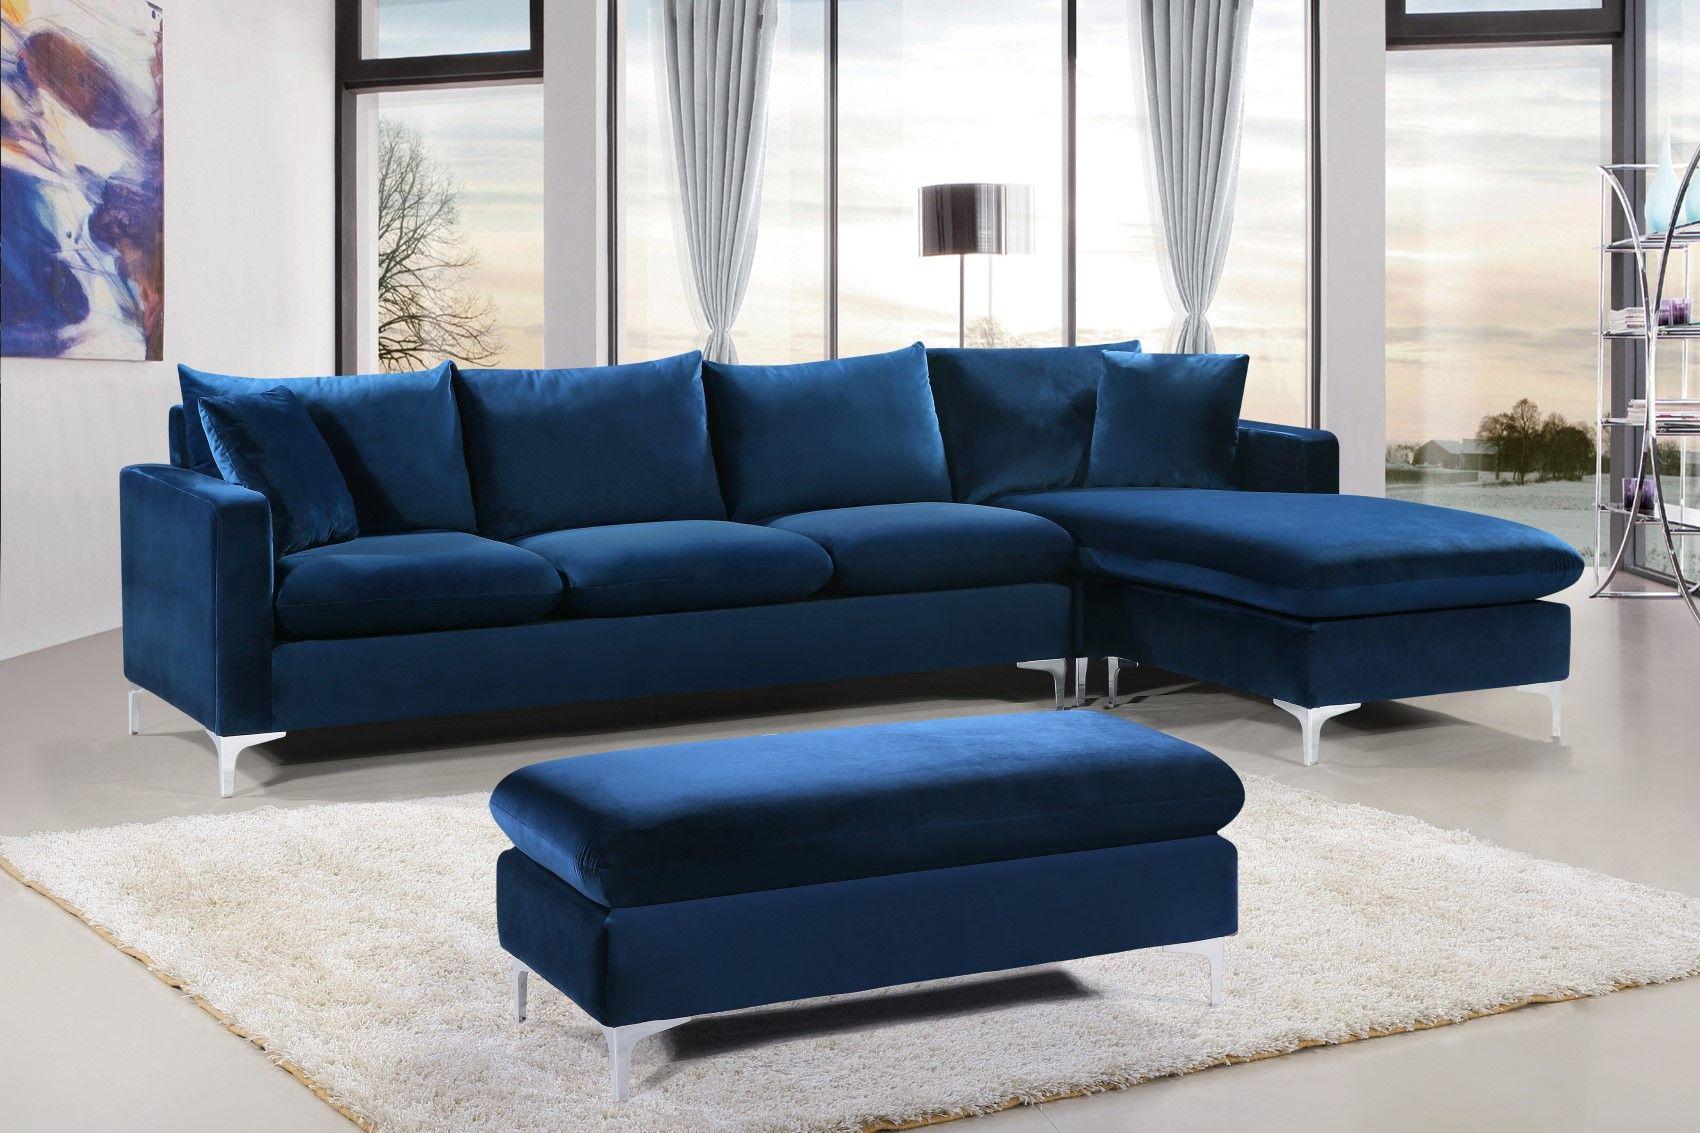 Selene Contemporary Plush Navy Blue Velvet Sectional Sofa Regarding Strummer Velvet Sectional Sofas (View 4 of 15)